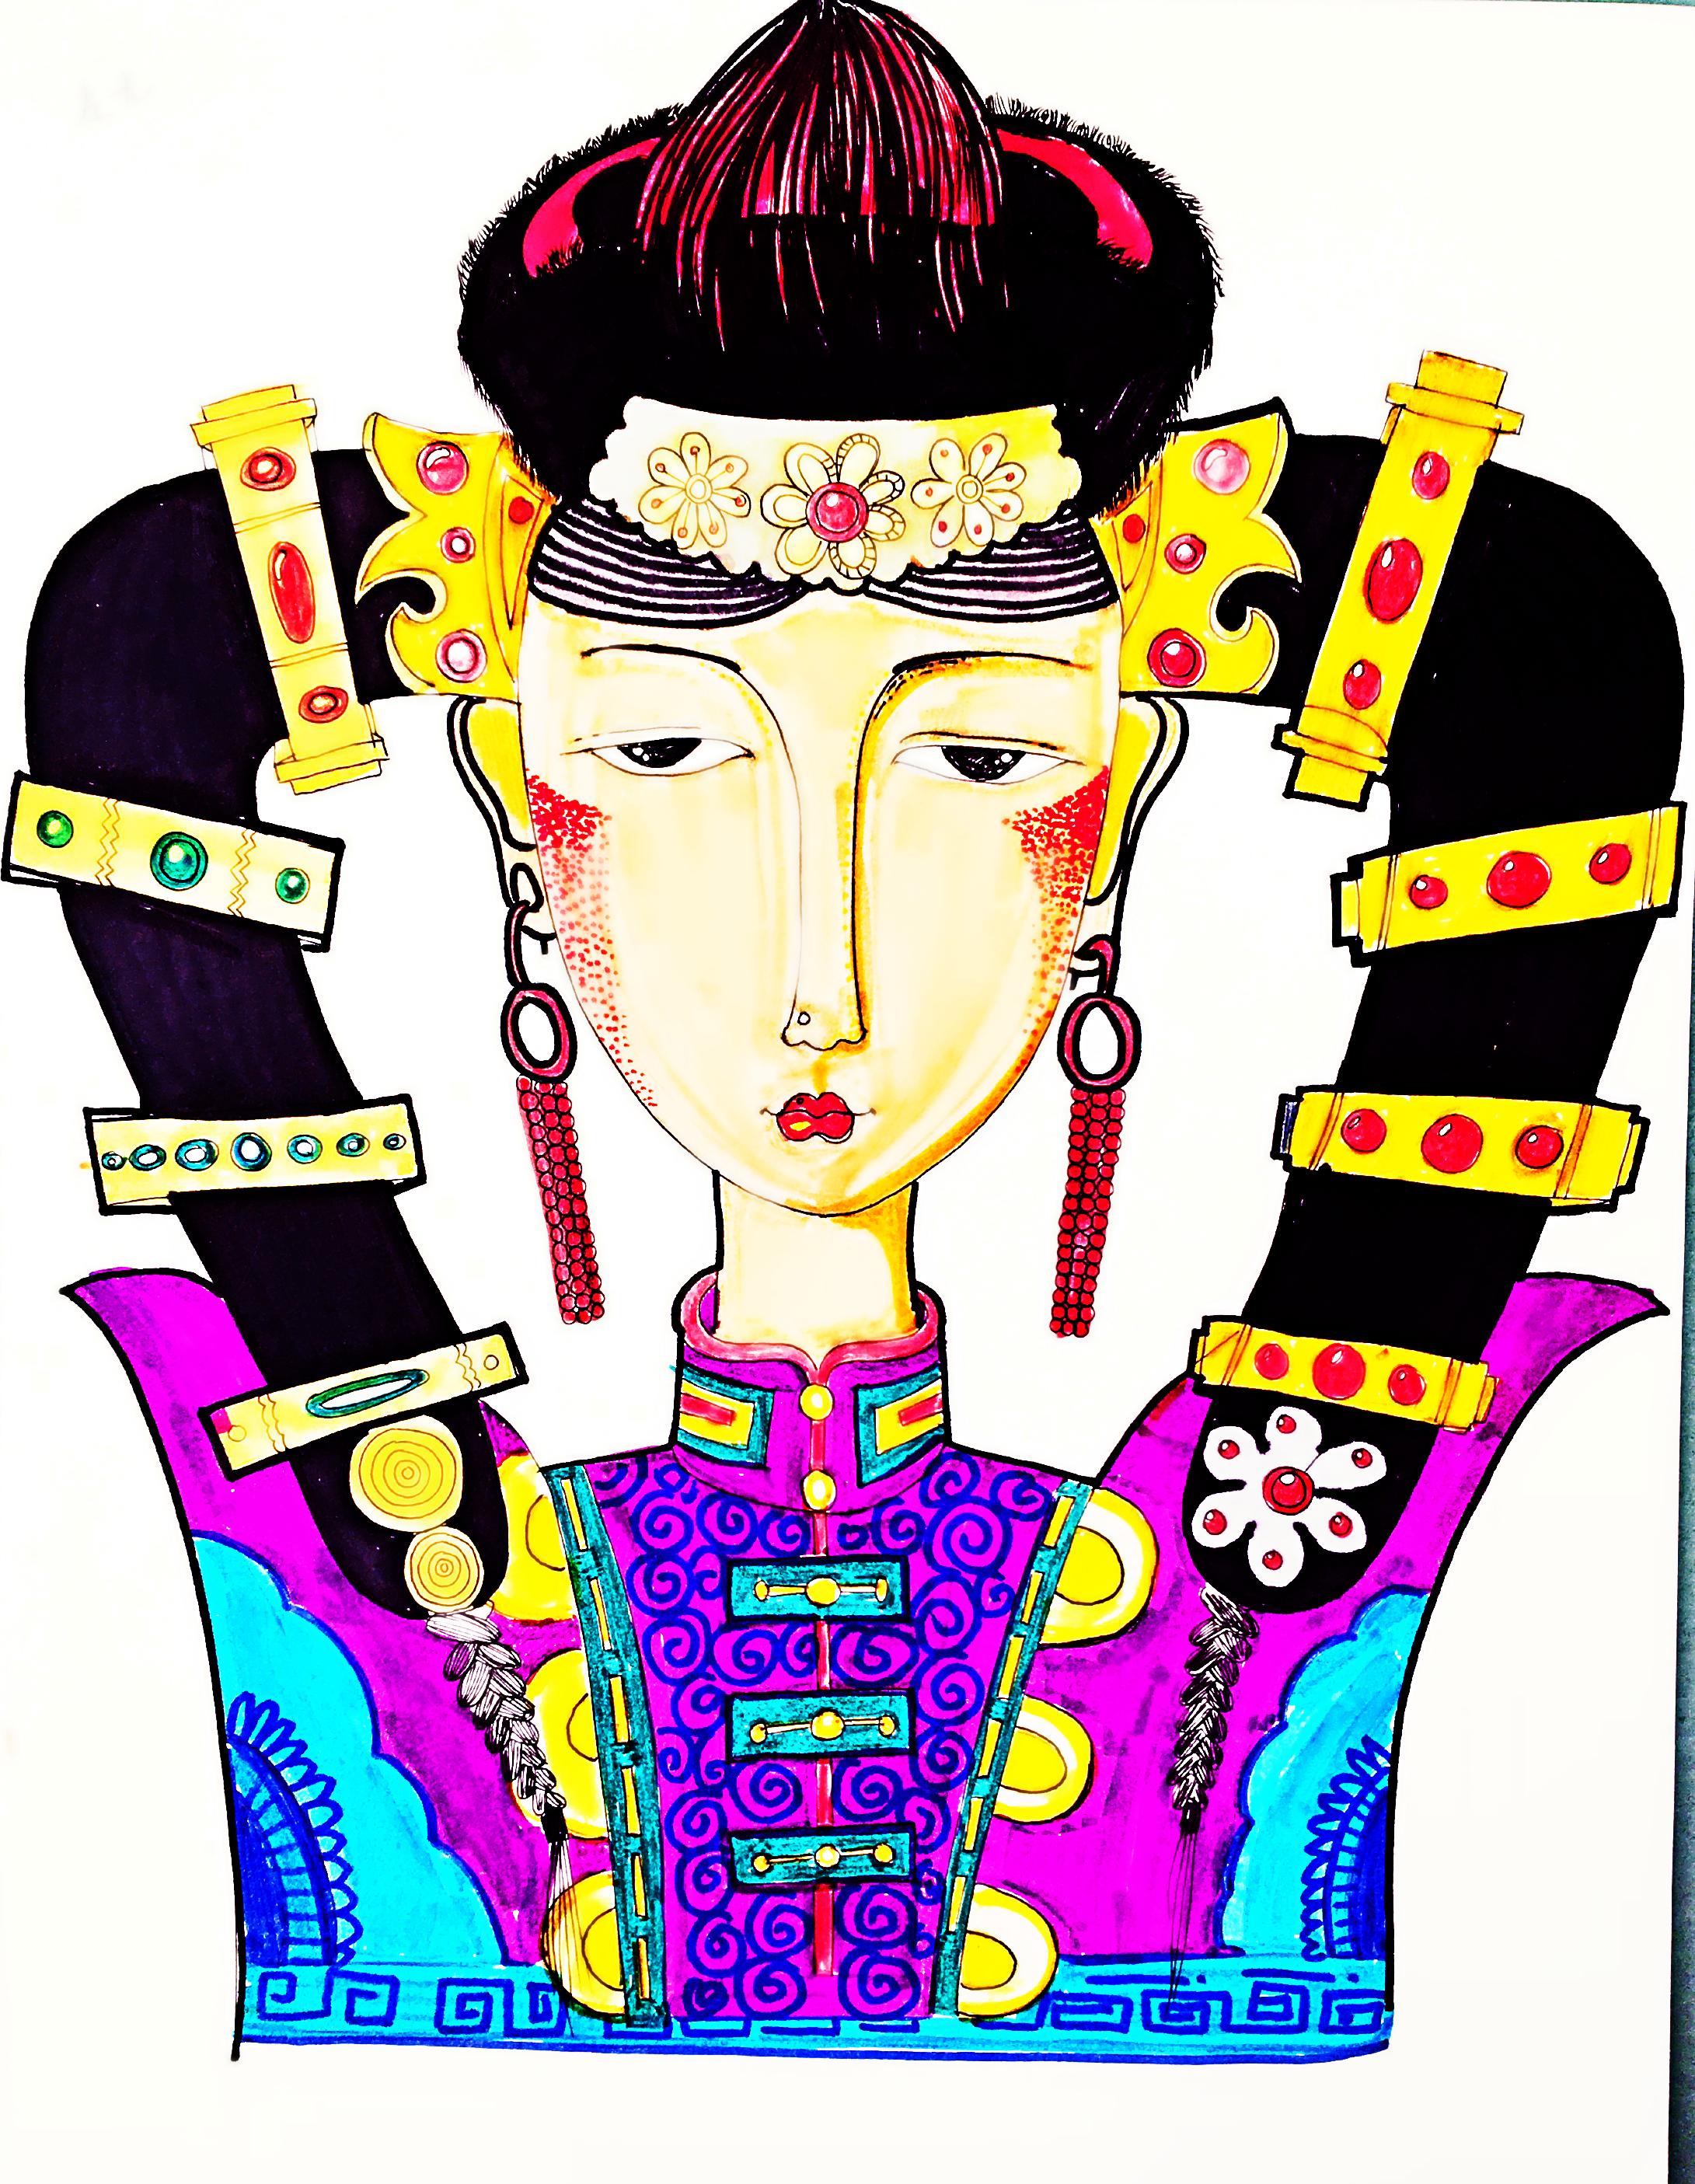 手绘插画,蒙古族元素,蒙古族图案,手绘蒙古族